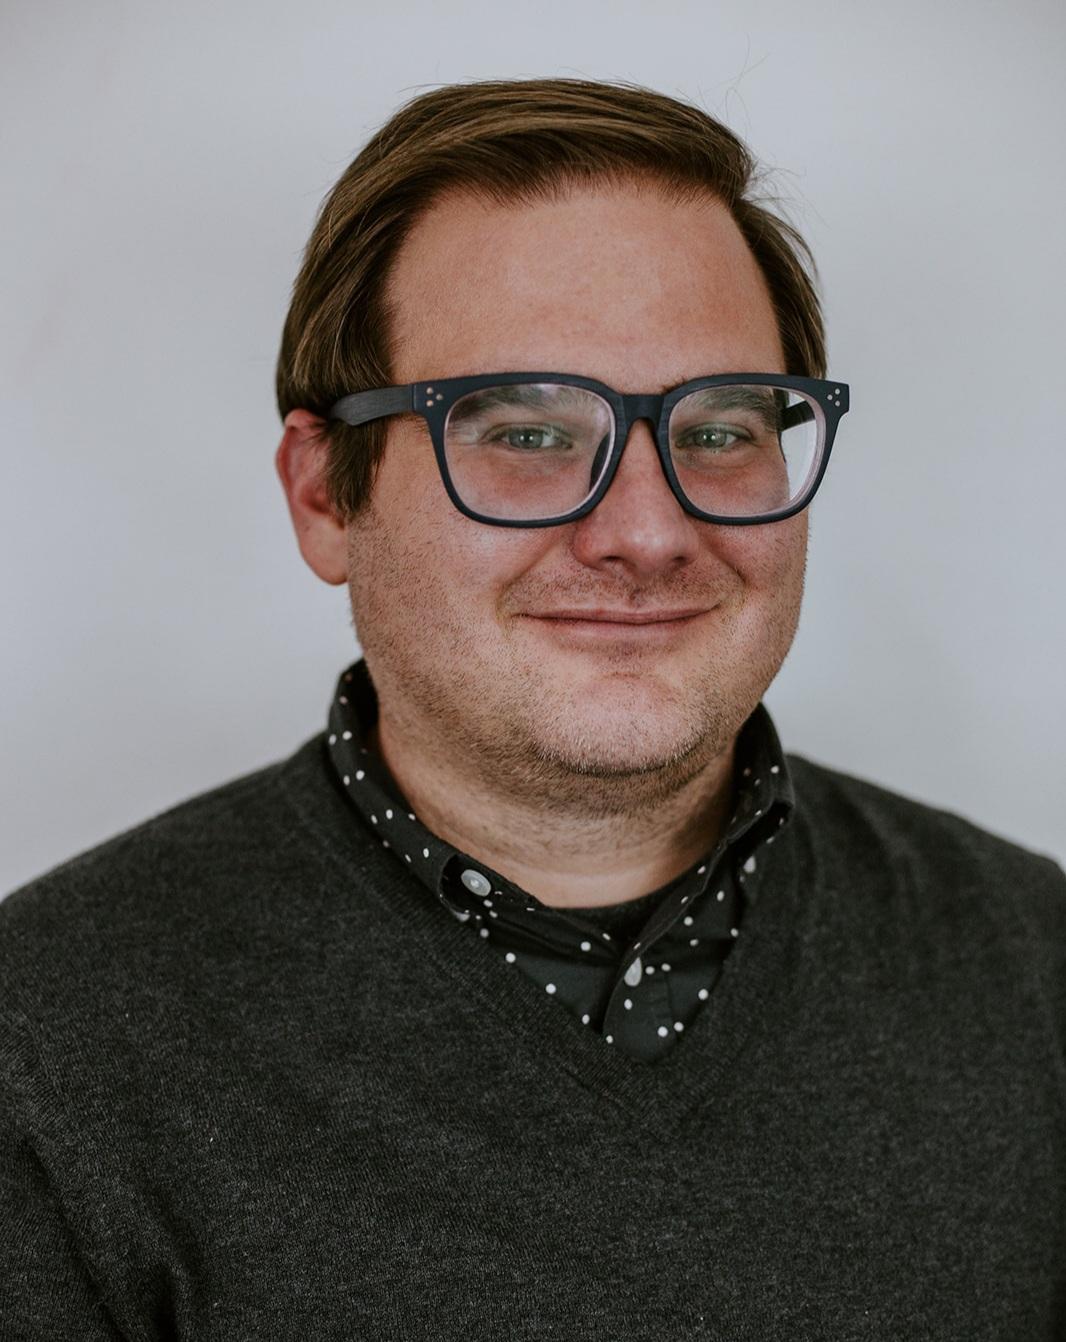 Brendan Pelto